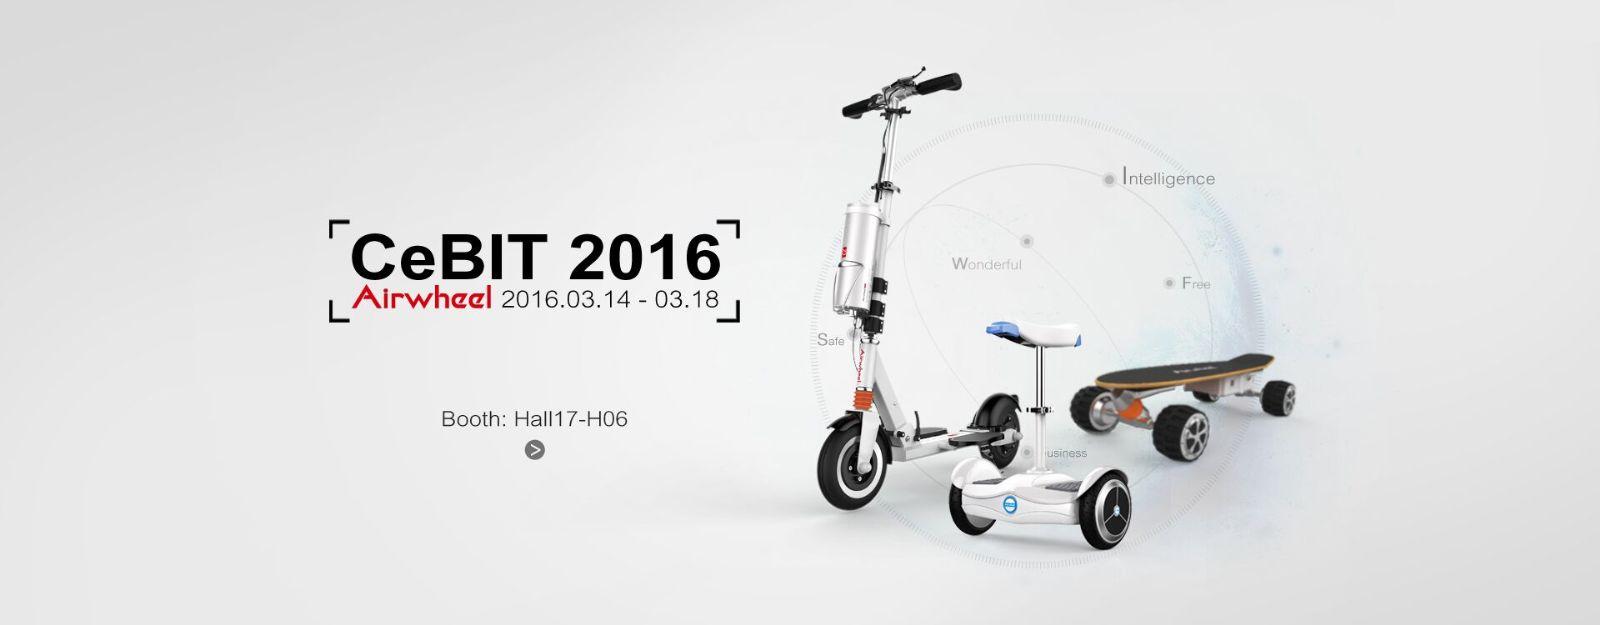 Airwheel in CeBIT selbststabilisierendes elektroroller